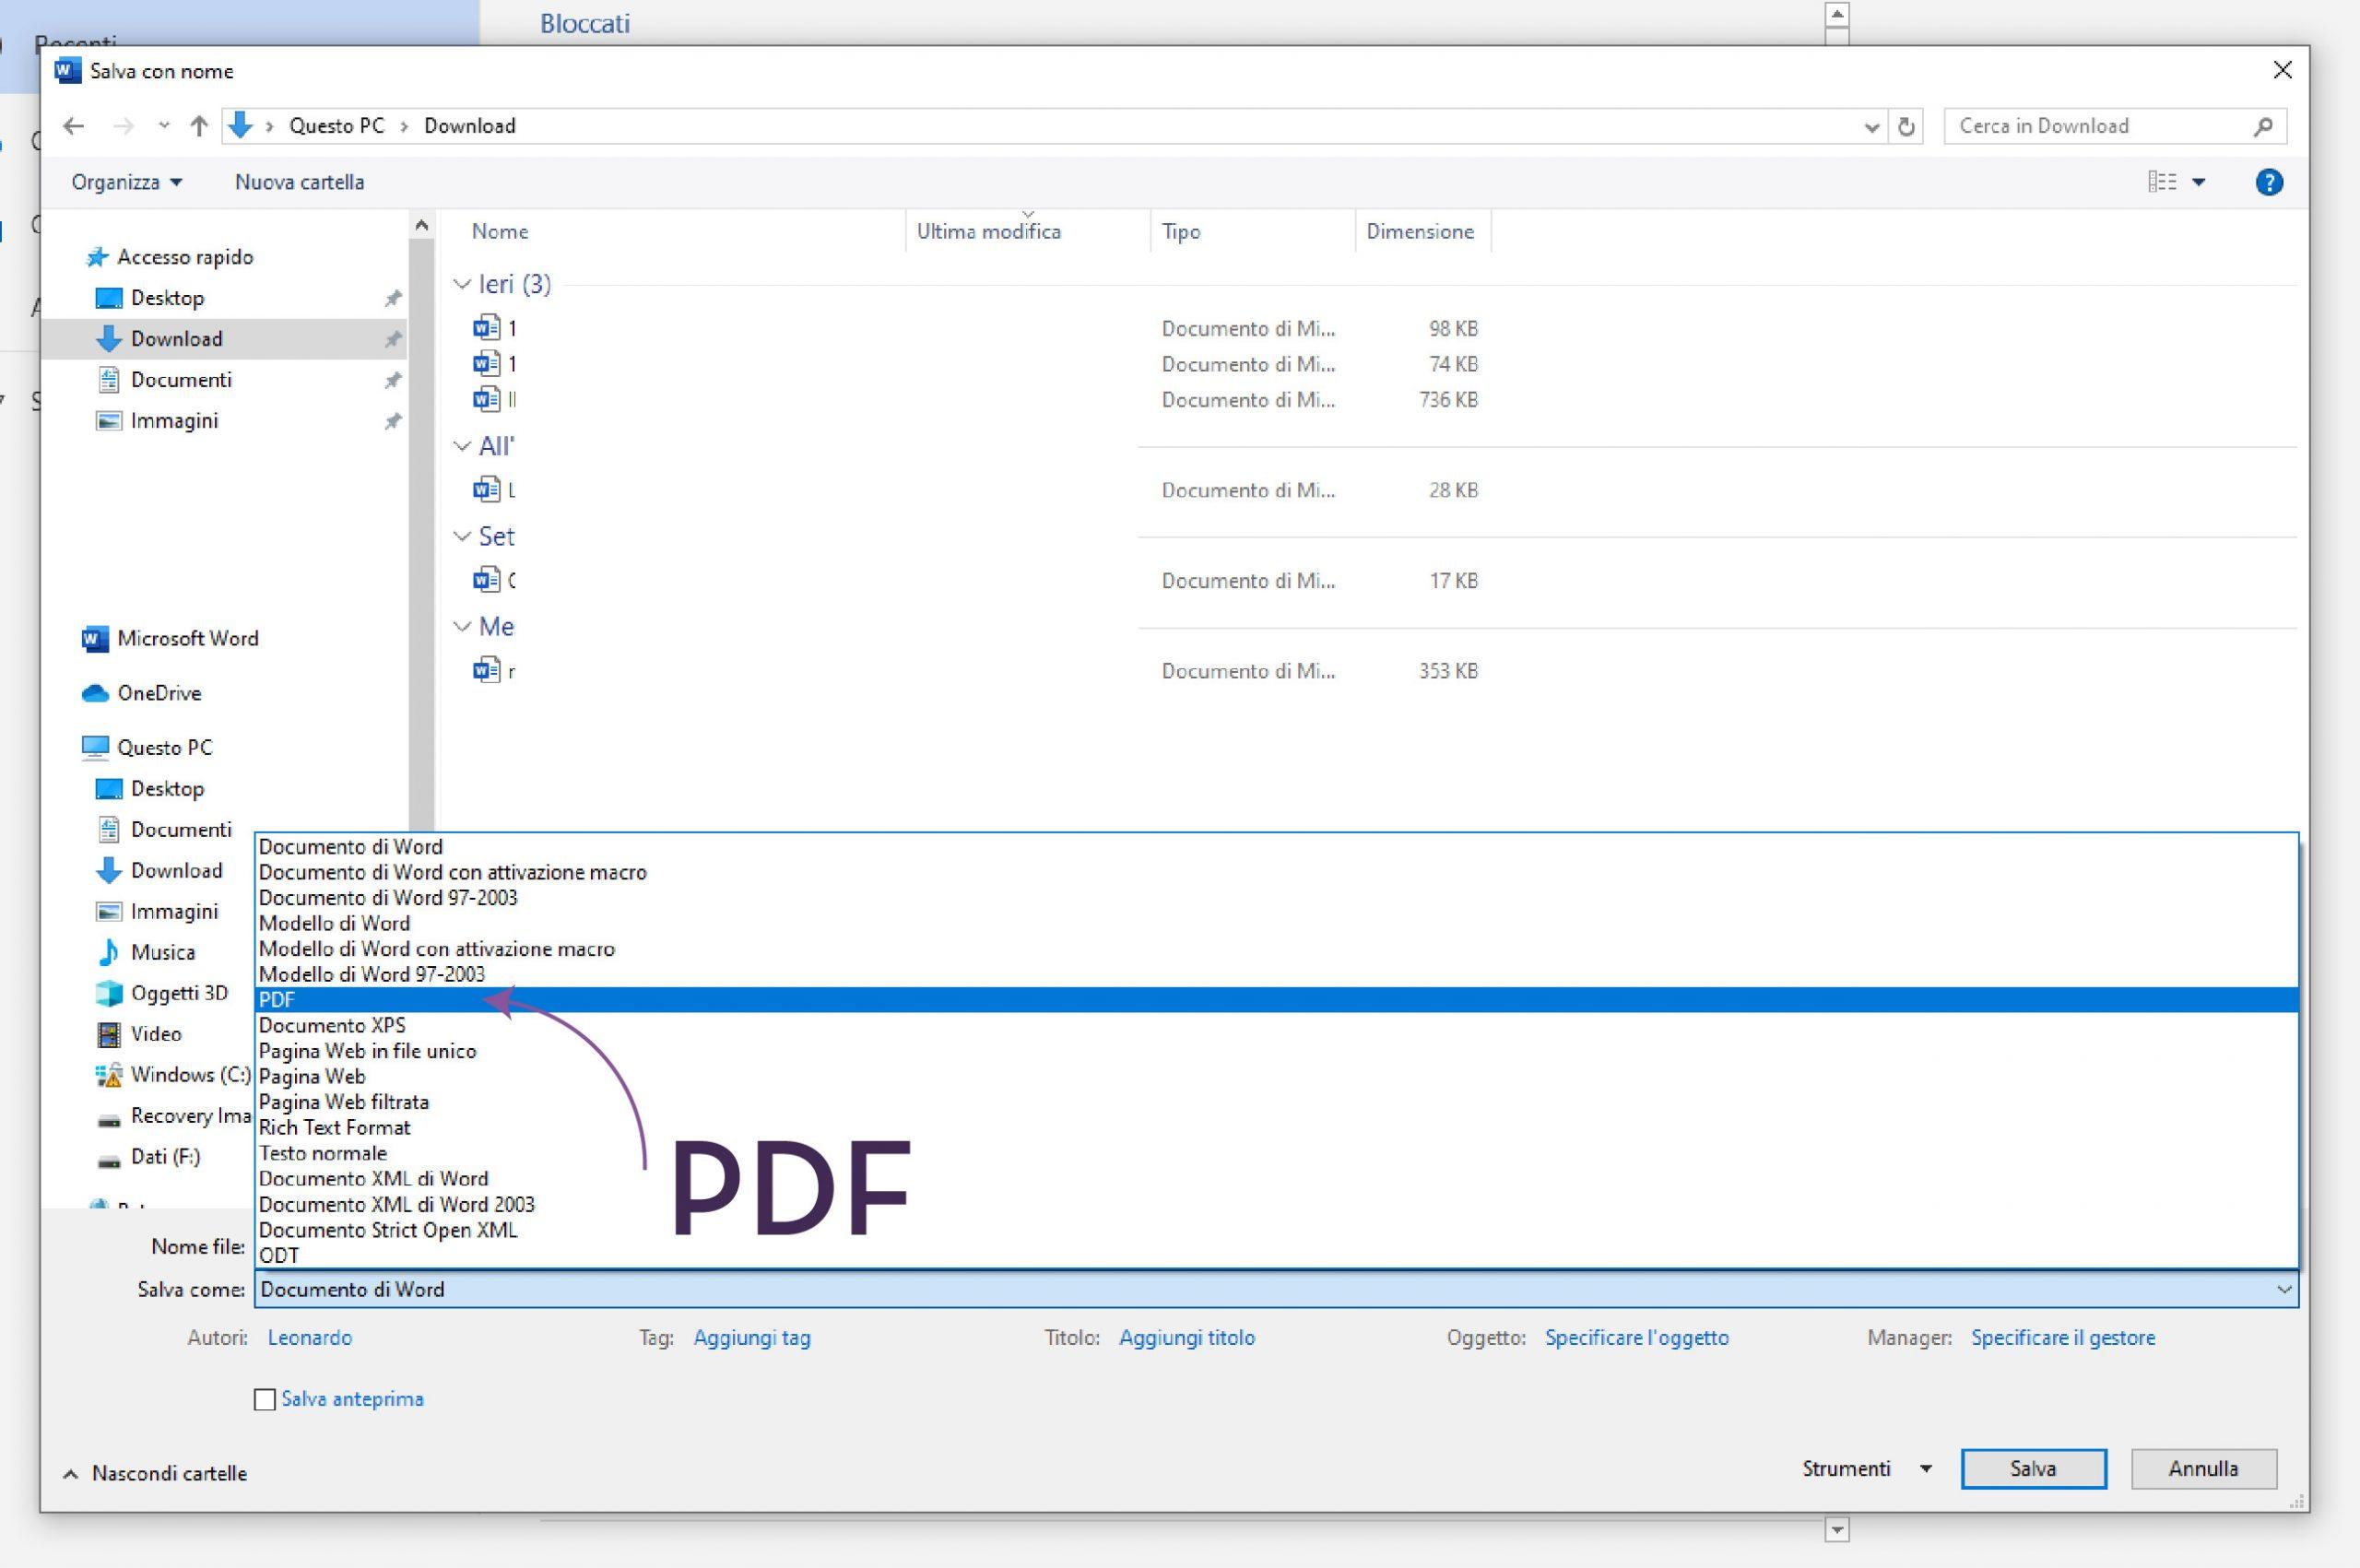 Trasformare un doc word in pdf - 2